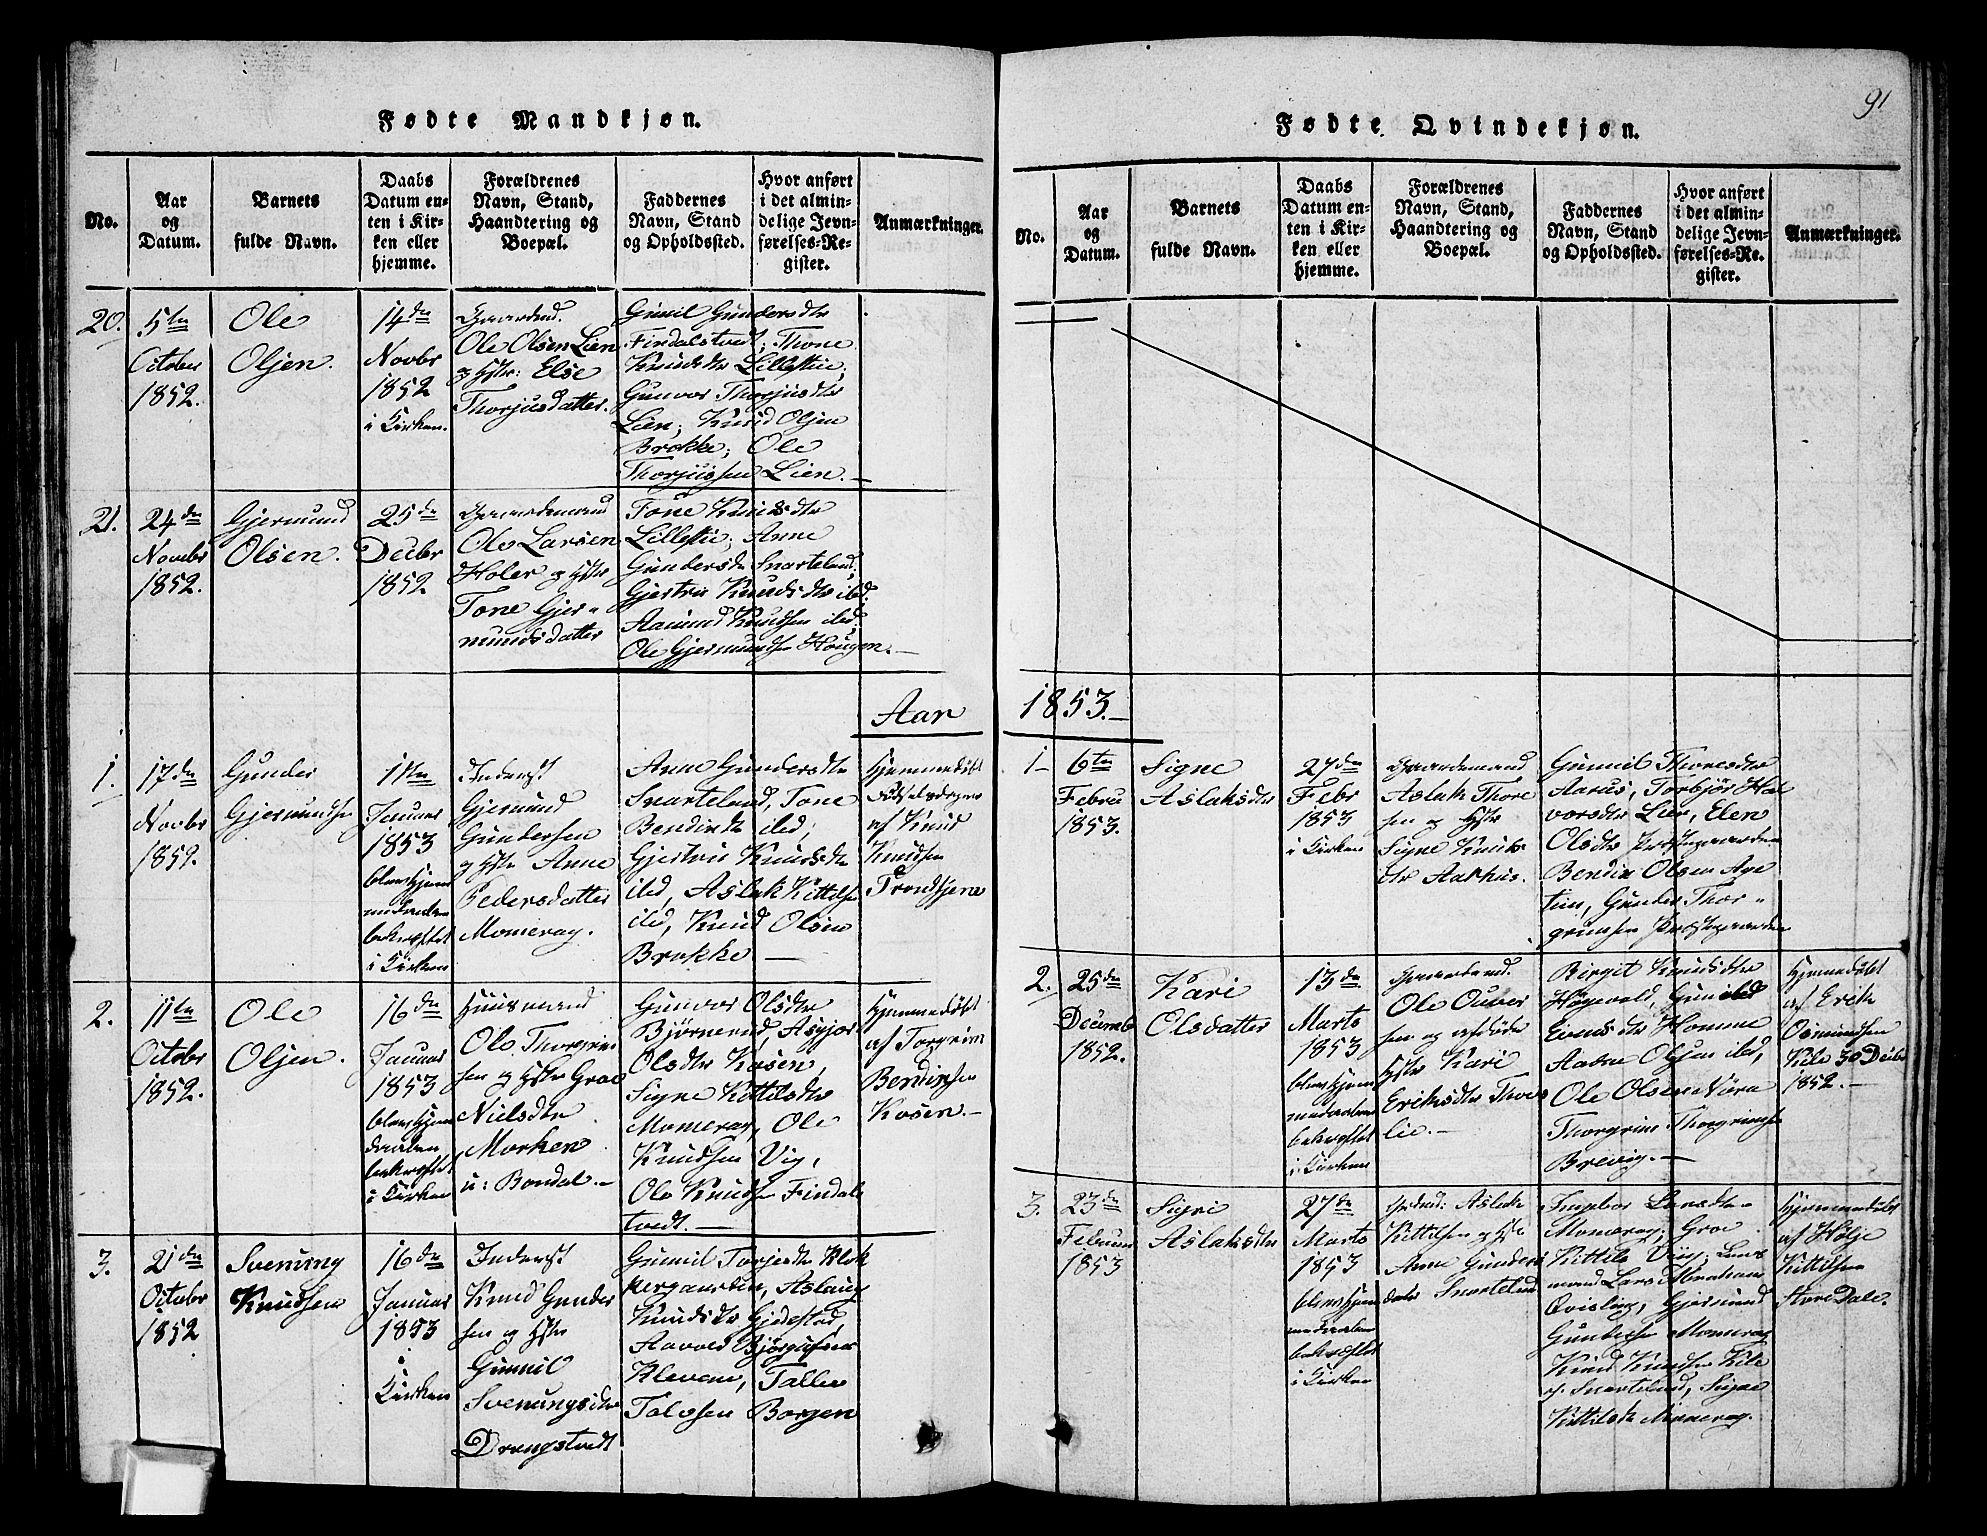 SAKO, Fyresdal kirkebøker, G/Ga/L0002: Klokkerbok nr. I 2, 1815-1857, s. 91